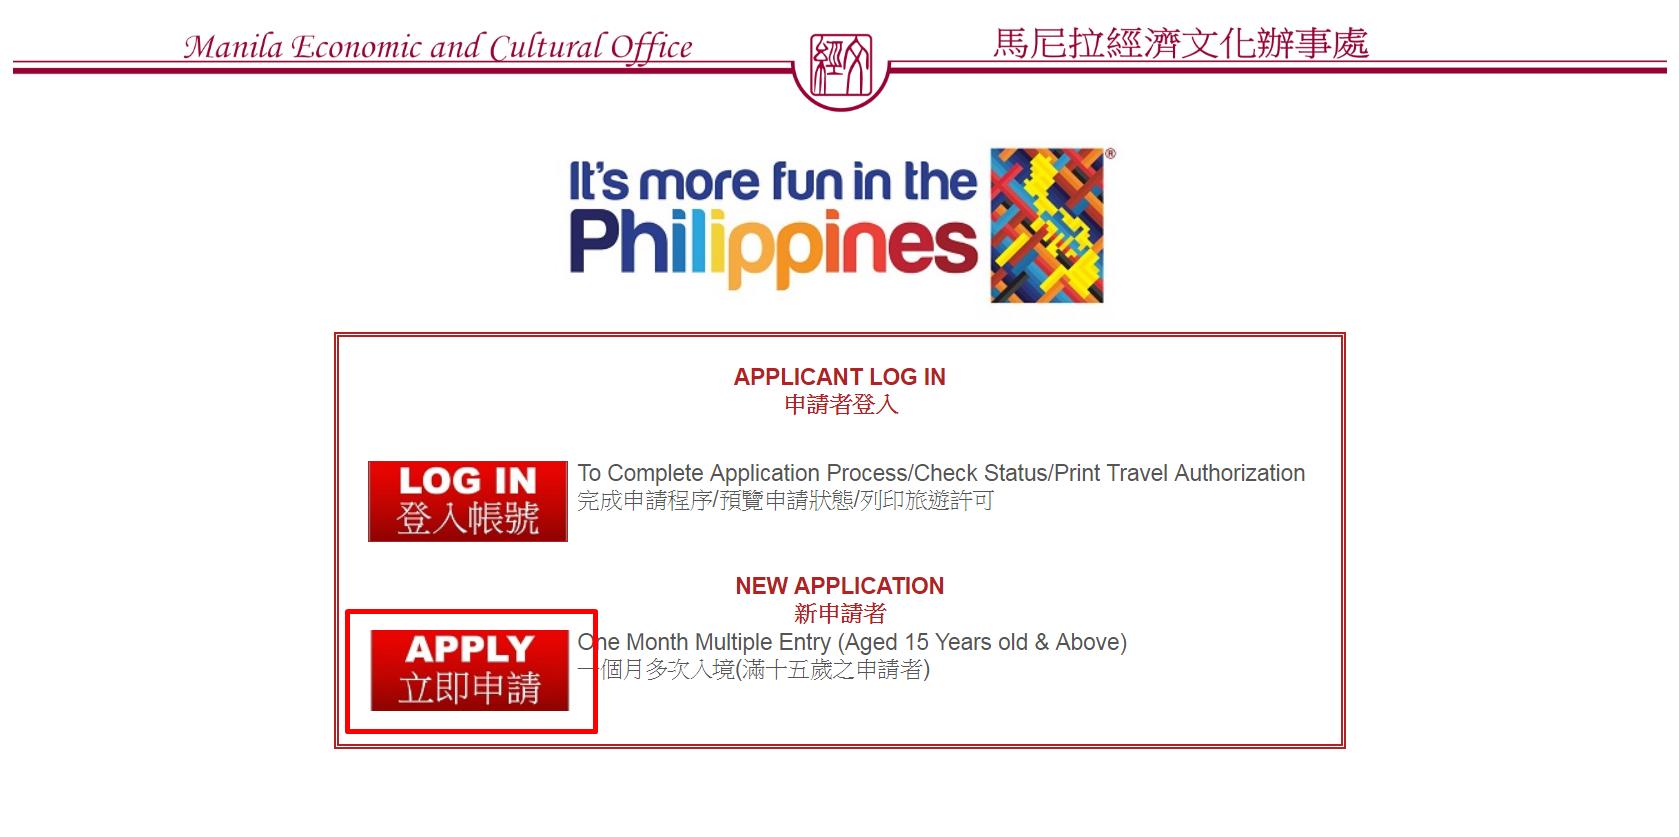 菲律賓電子簽證│申請步驟 表格填寫範例 2018/07最新版